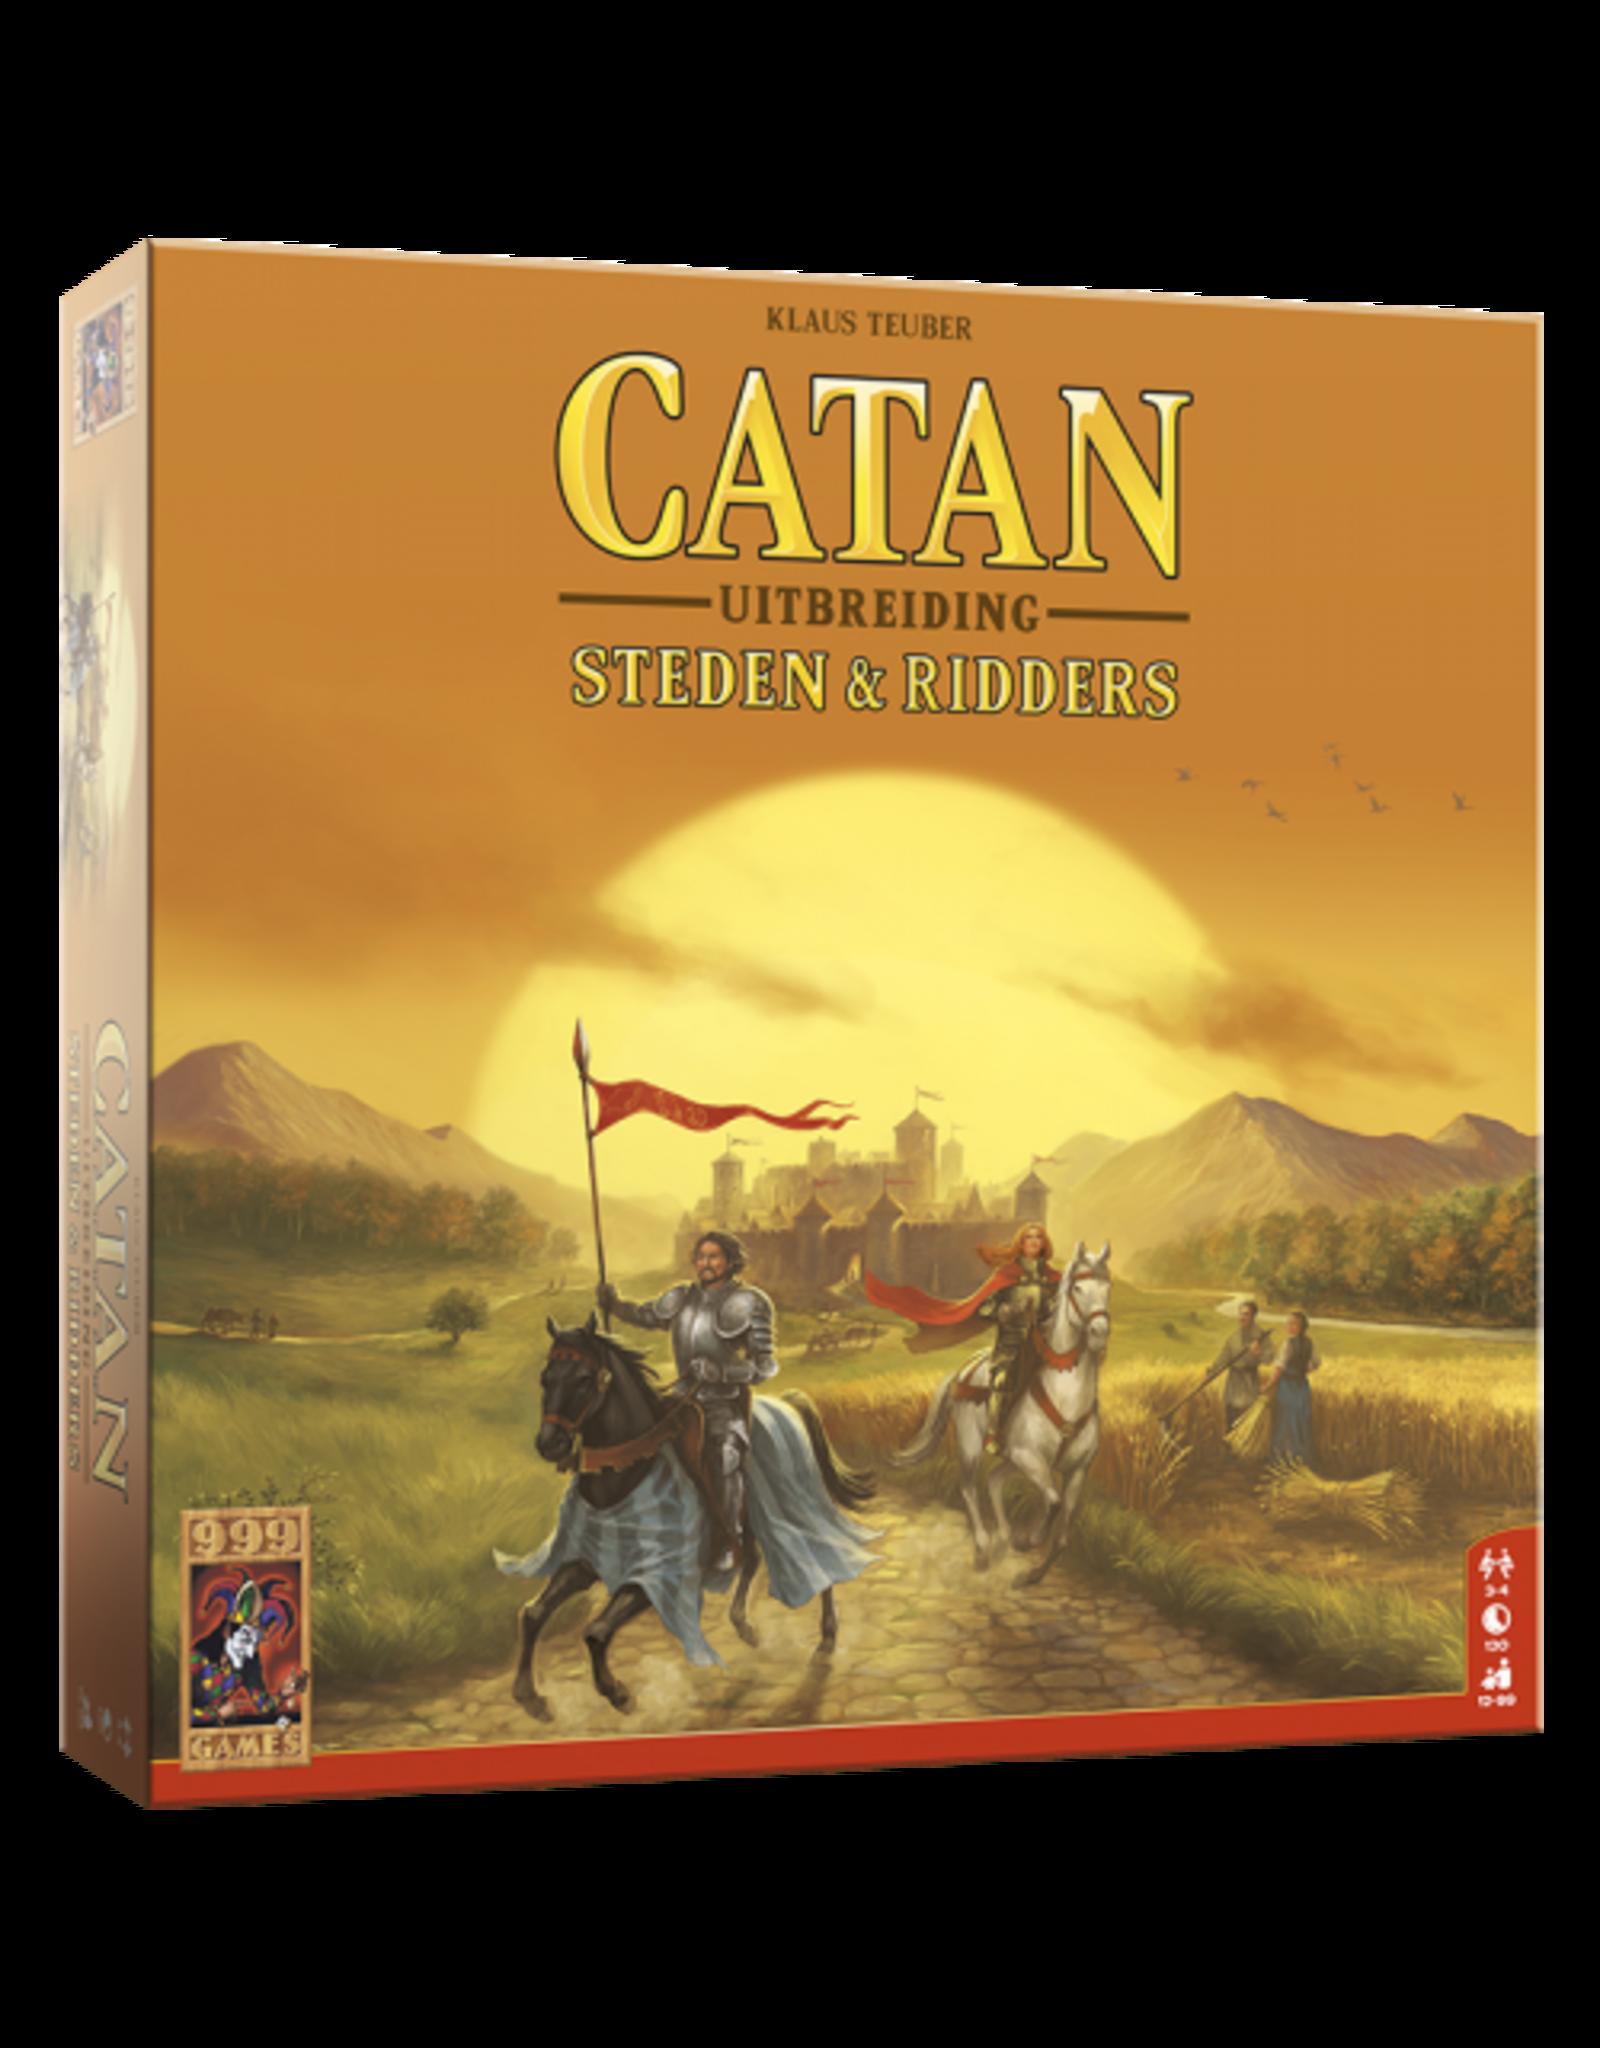 999 GAMES Catan: Steden en Ridders - Bordspel